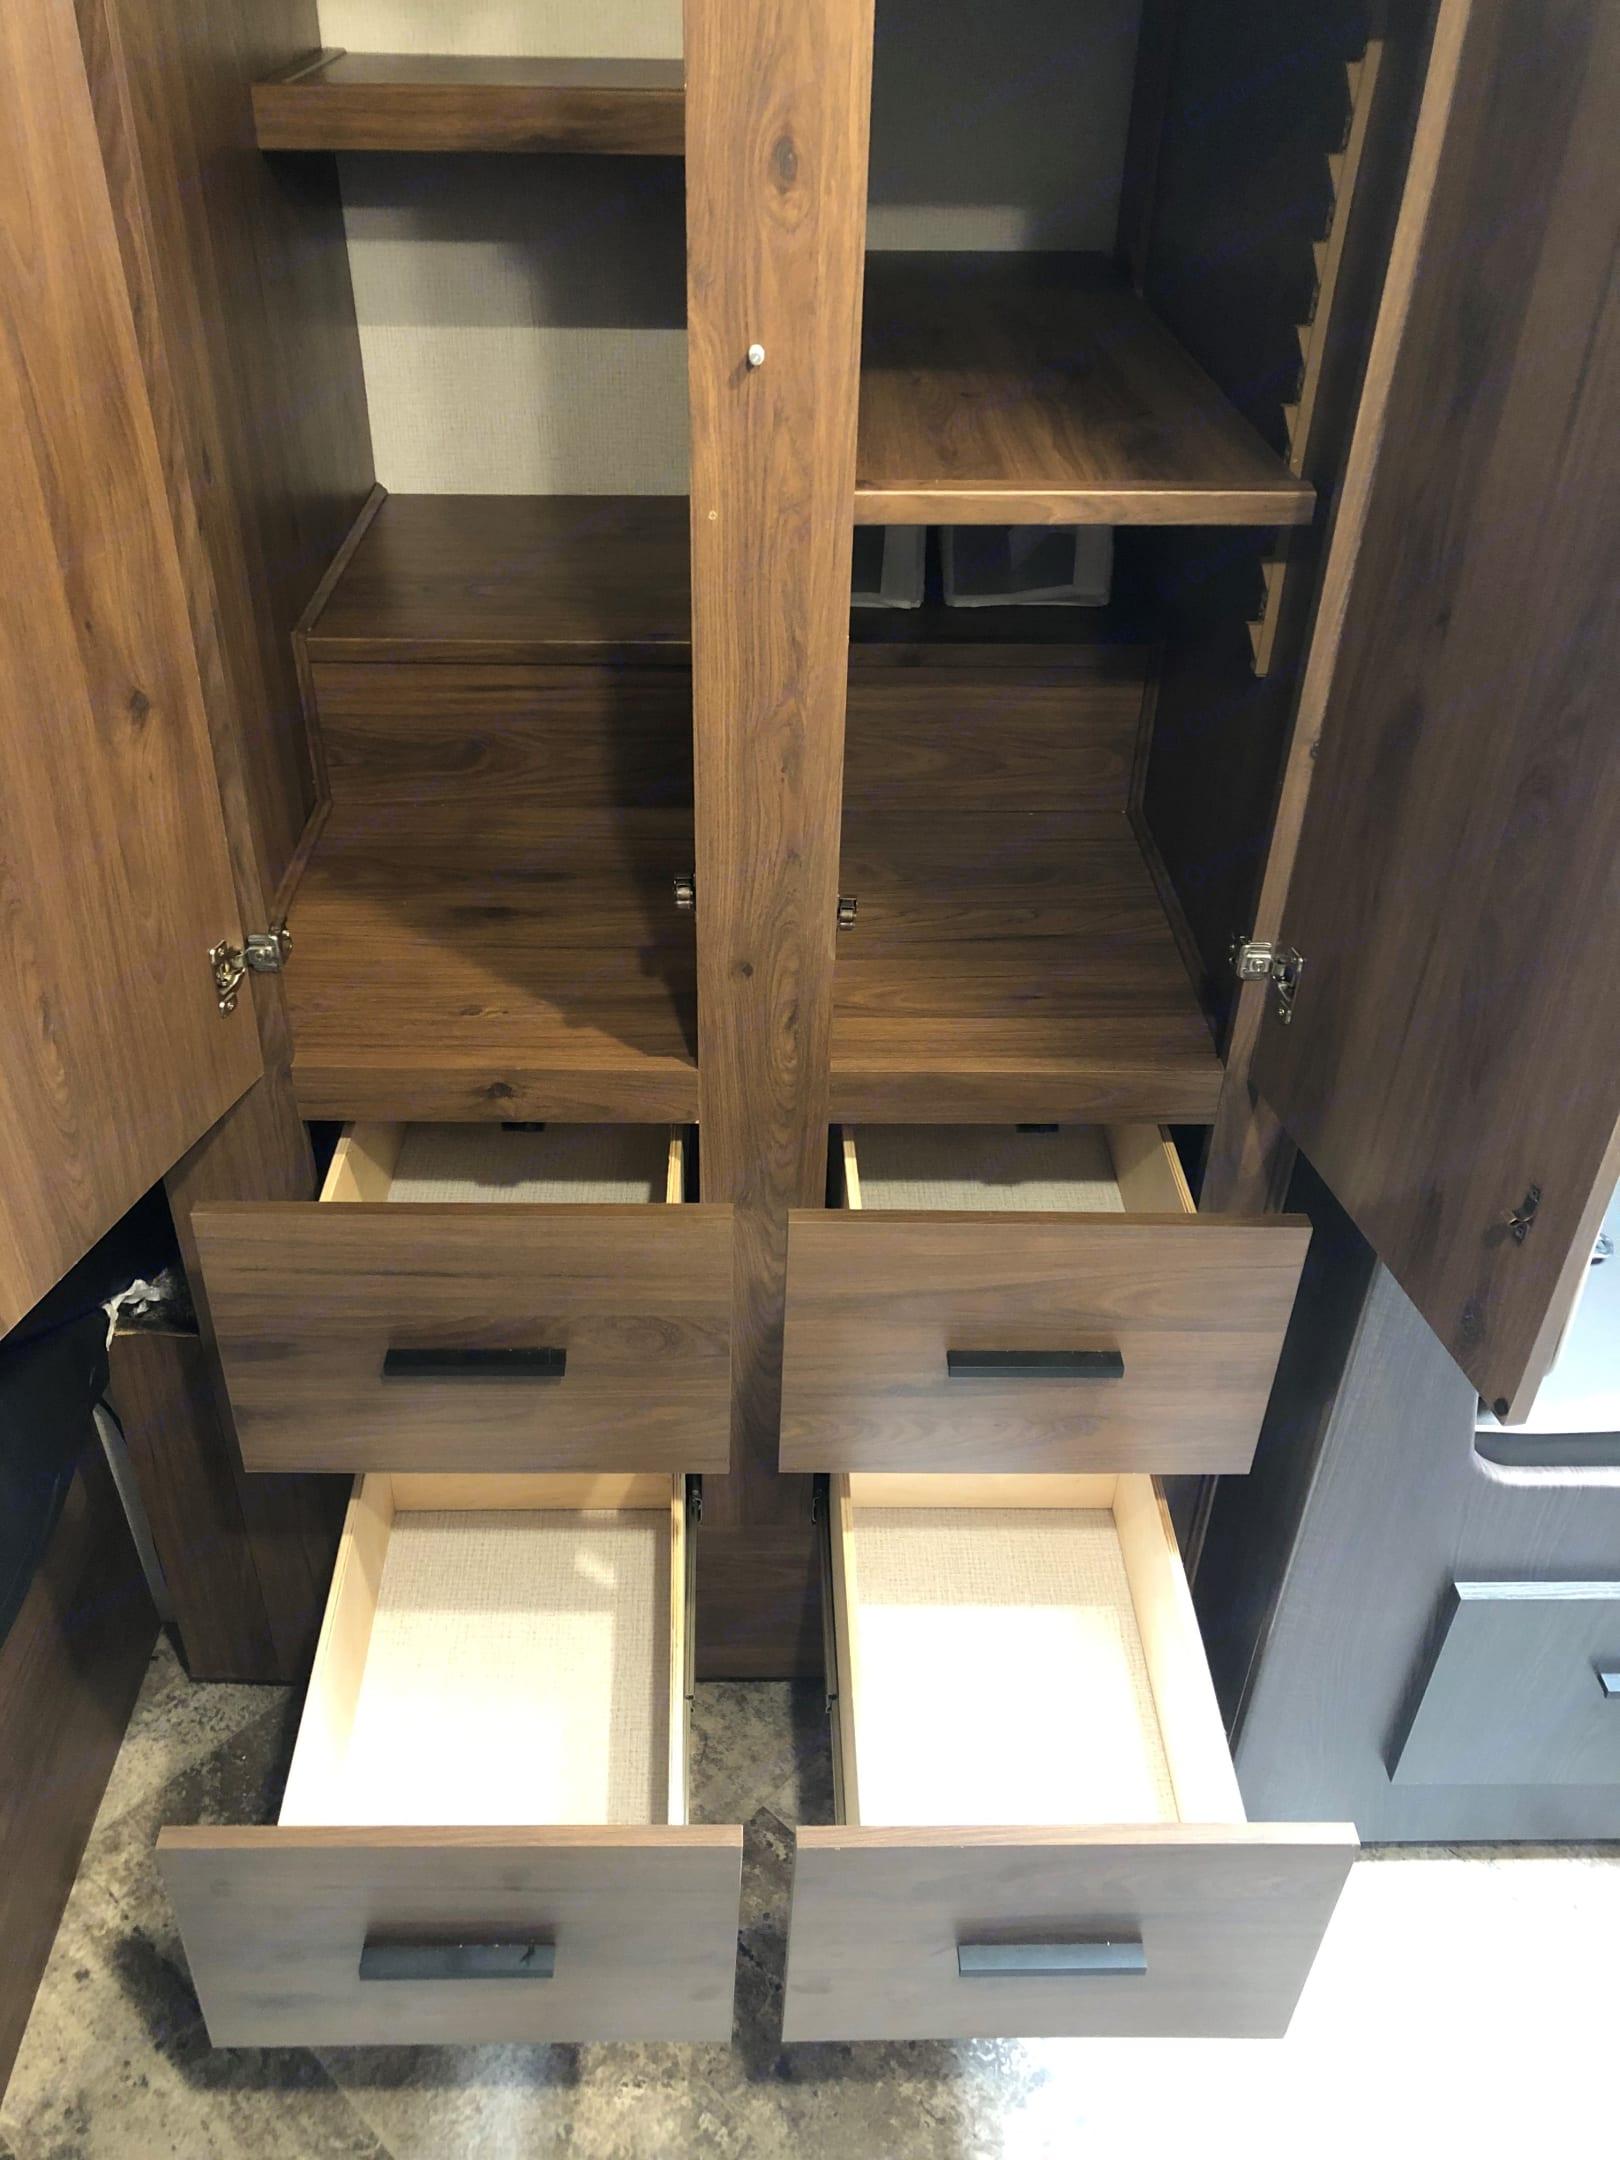 Bedroom closet. Forest River Sunseeker 2021